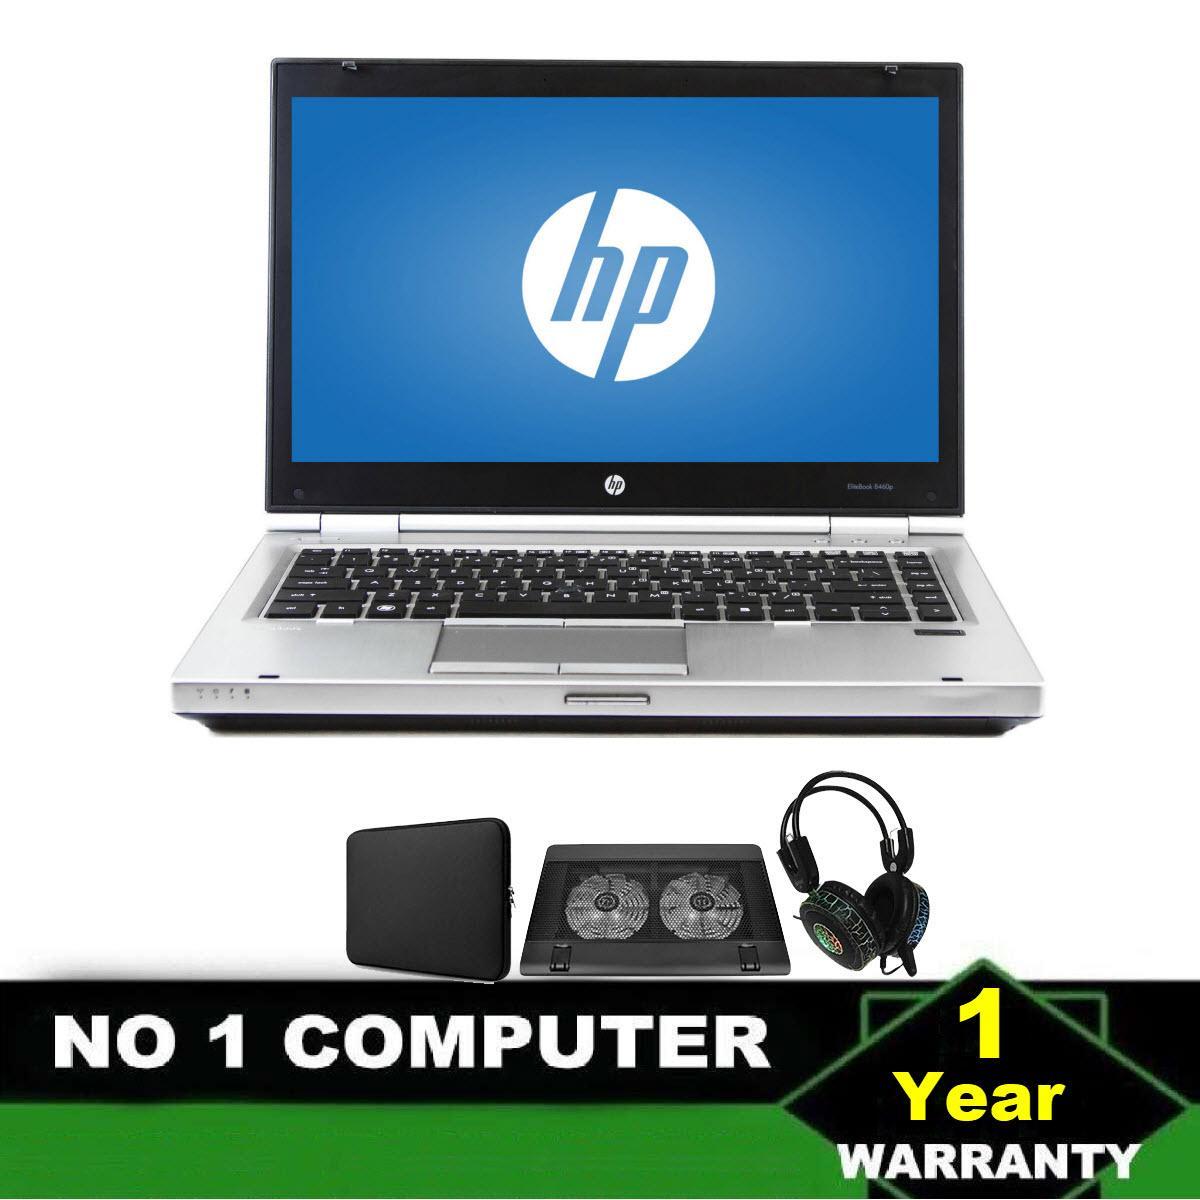 Laptop HP EliteBook 2560p Chạy CPU i7-2620M, 12.5inch, 16GB, SSD 240GB + Bộ Quà Tặng - Hàng Nhập Khẩu